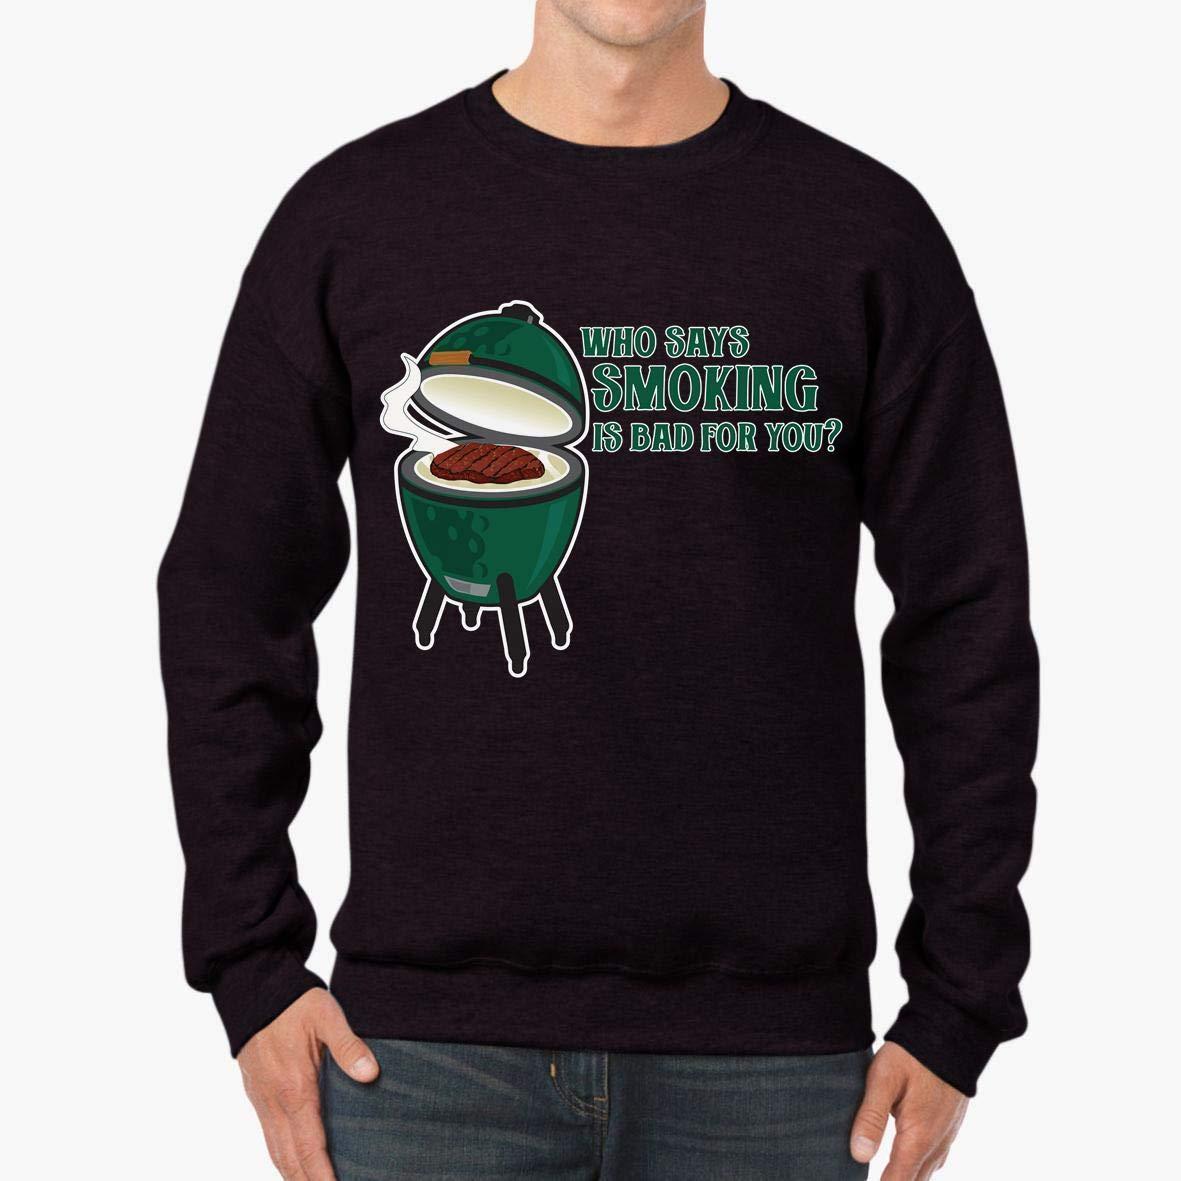 tee Who Says Smoking is Bad for You Funny Unisex Sweatshirt